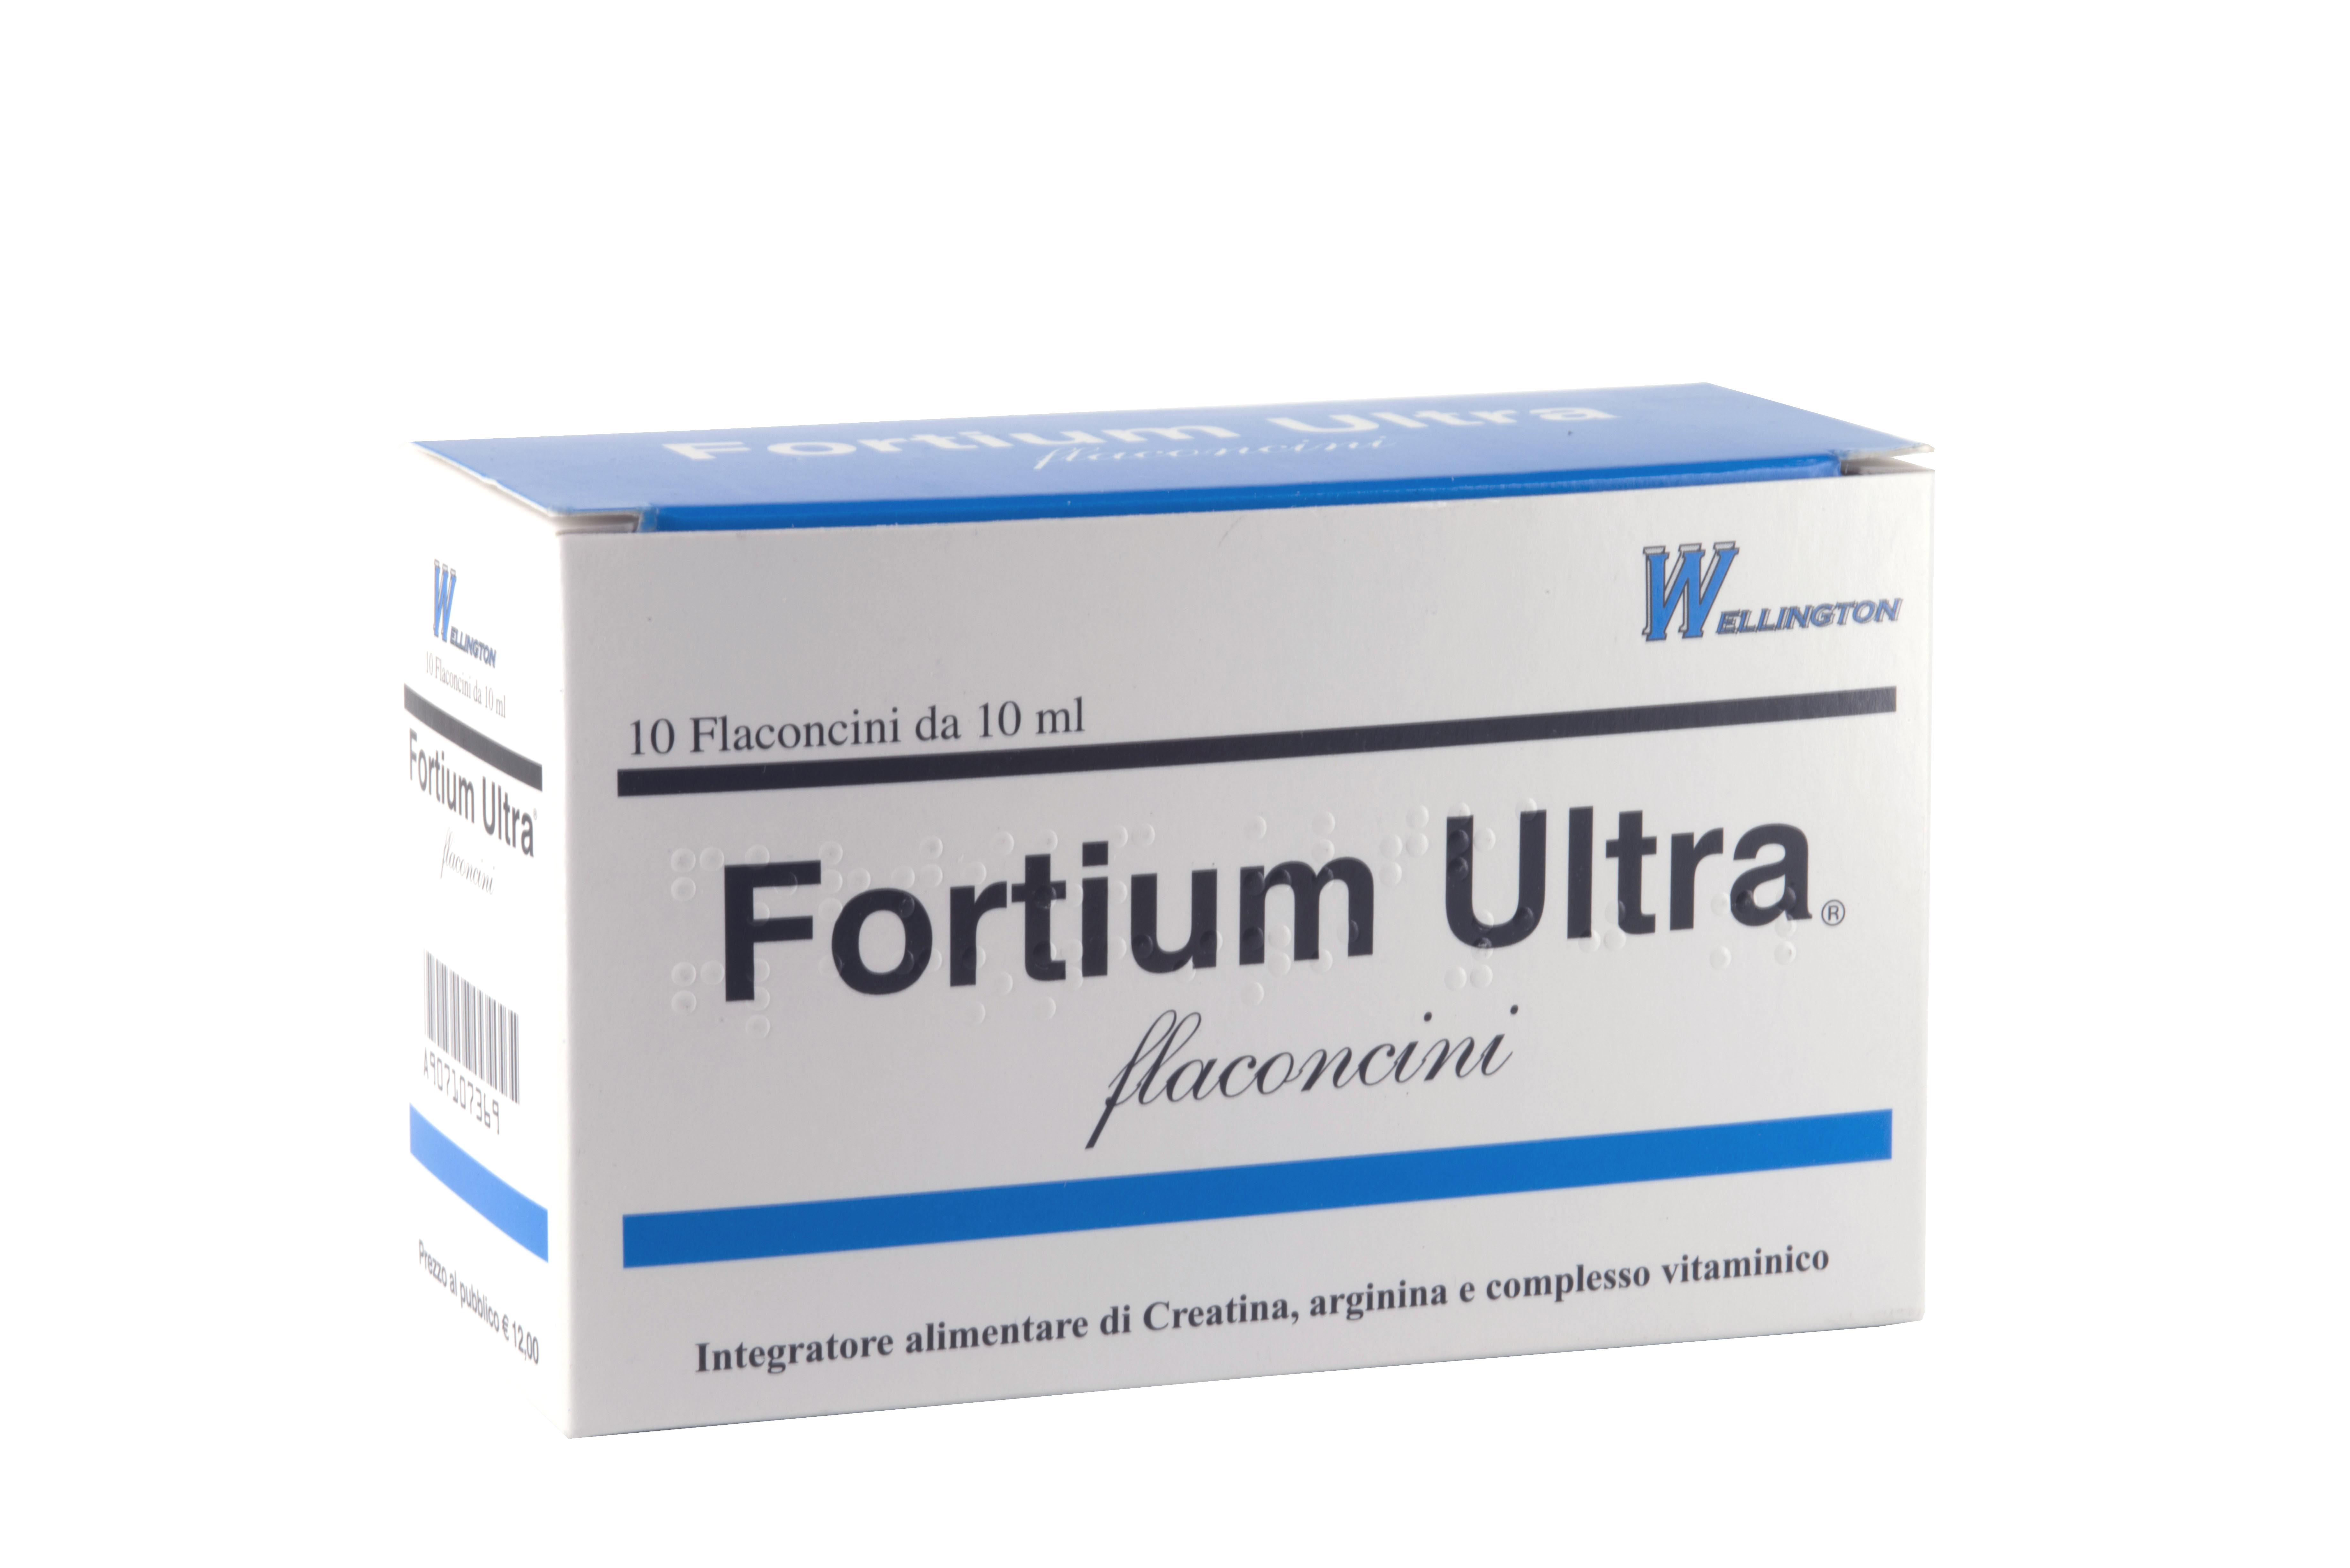 FORTIUM ULTRA flaconcini